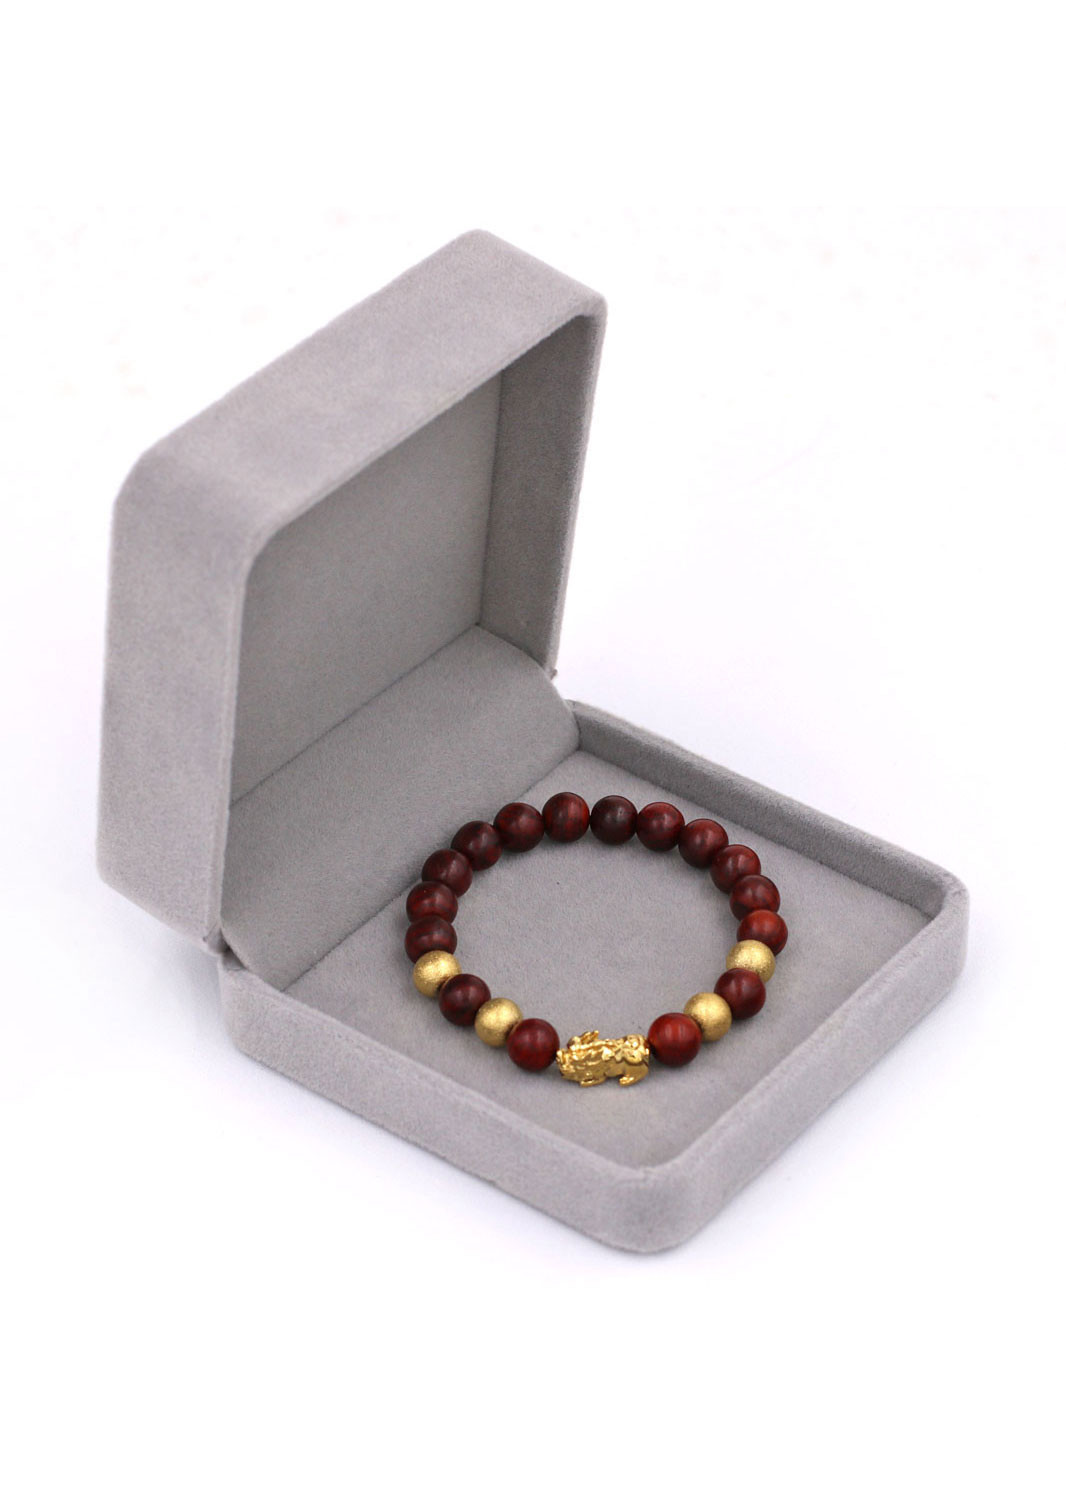 Vòng đeo tay Tỳ hưu inox vàng - Chuỗi gỗ đỏ 8 ly VGOTHVB8 - Vòng tay phong thủy